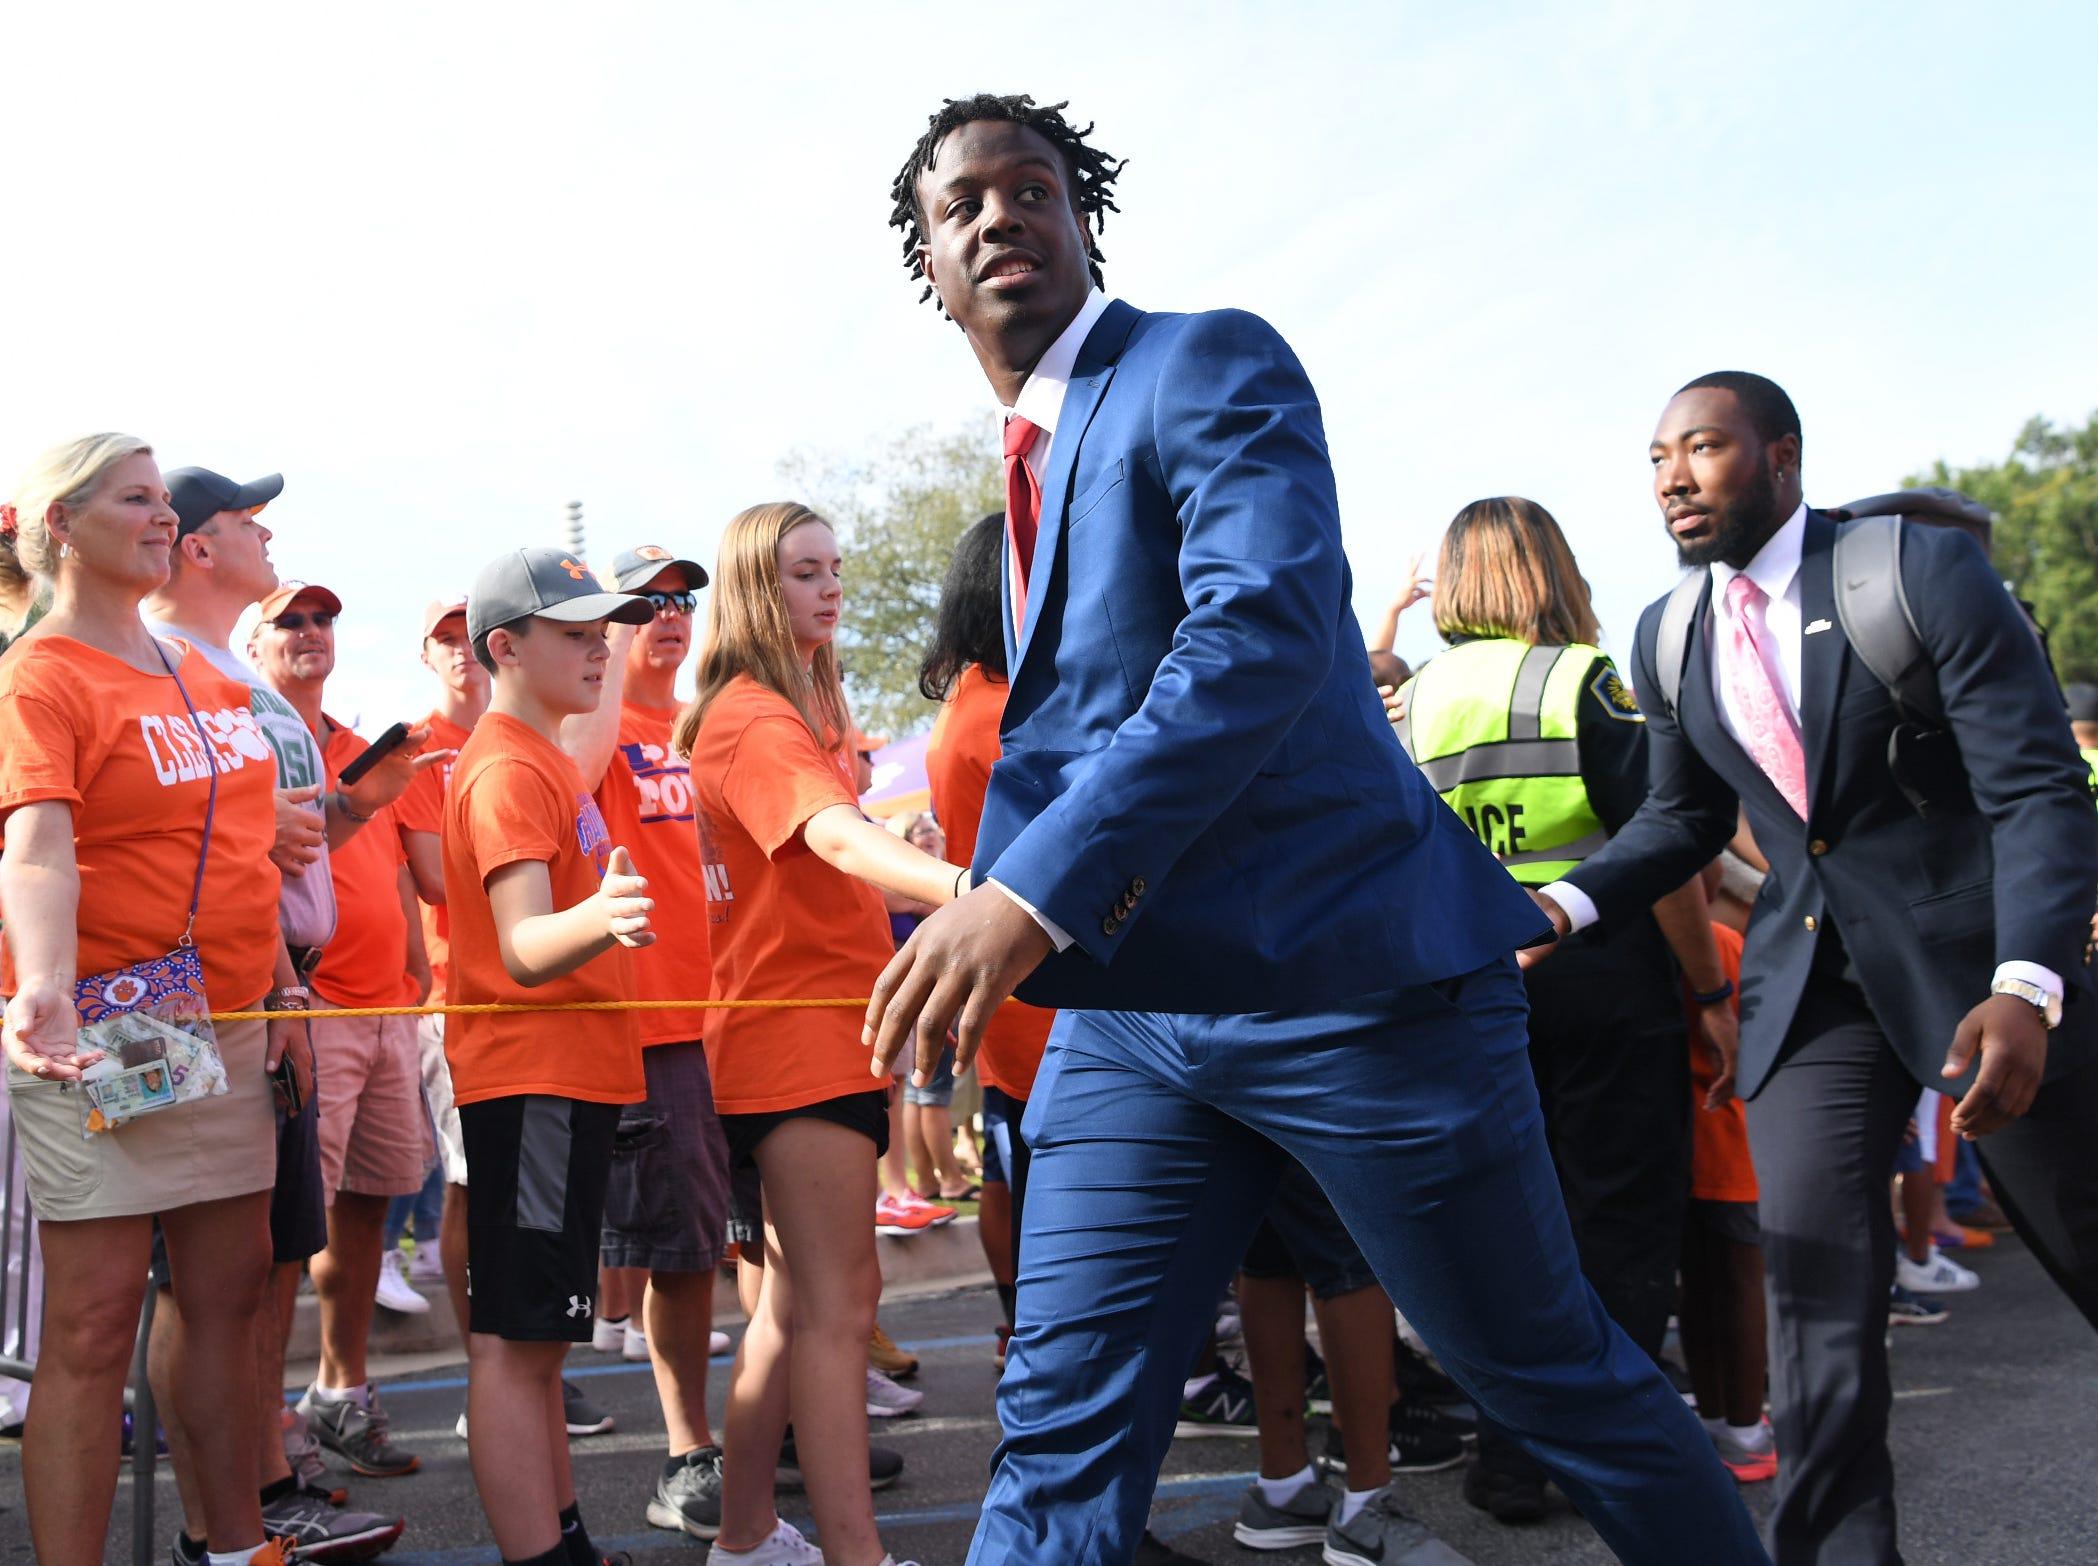 Clemson running back Travis Etienne (9) walks through fans toward Memorial Stadium during Tiger Walk in Clemson on Saturday, September 29, 2018.